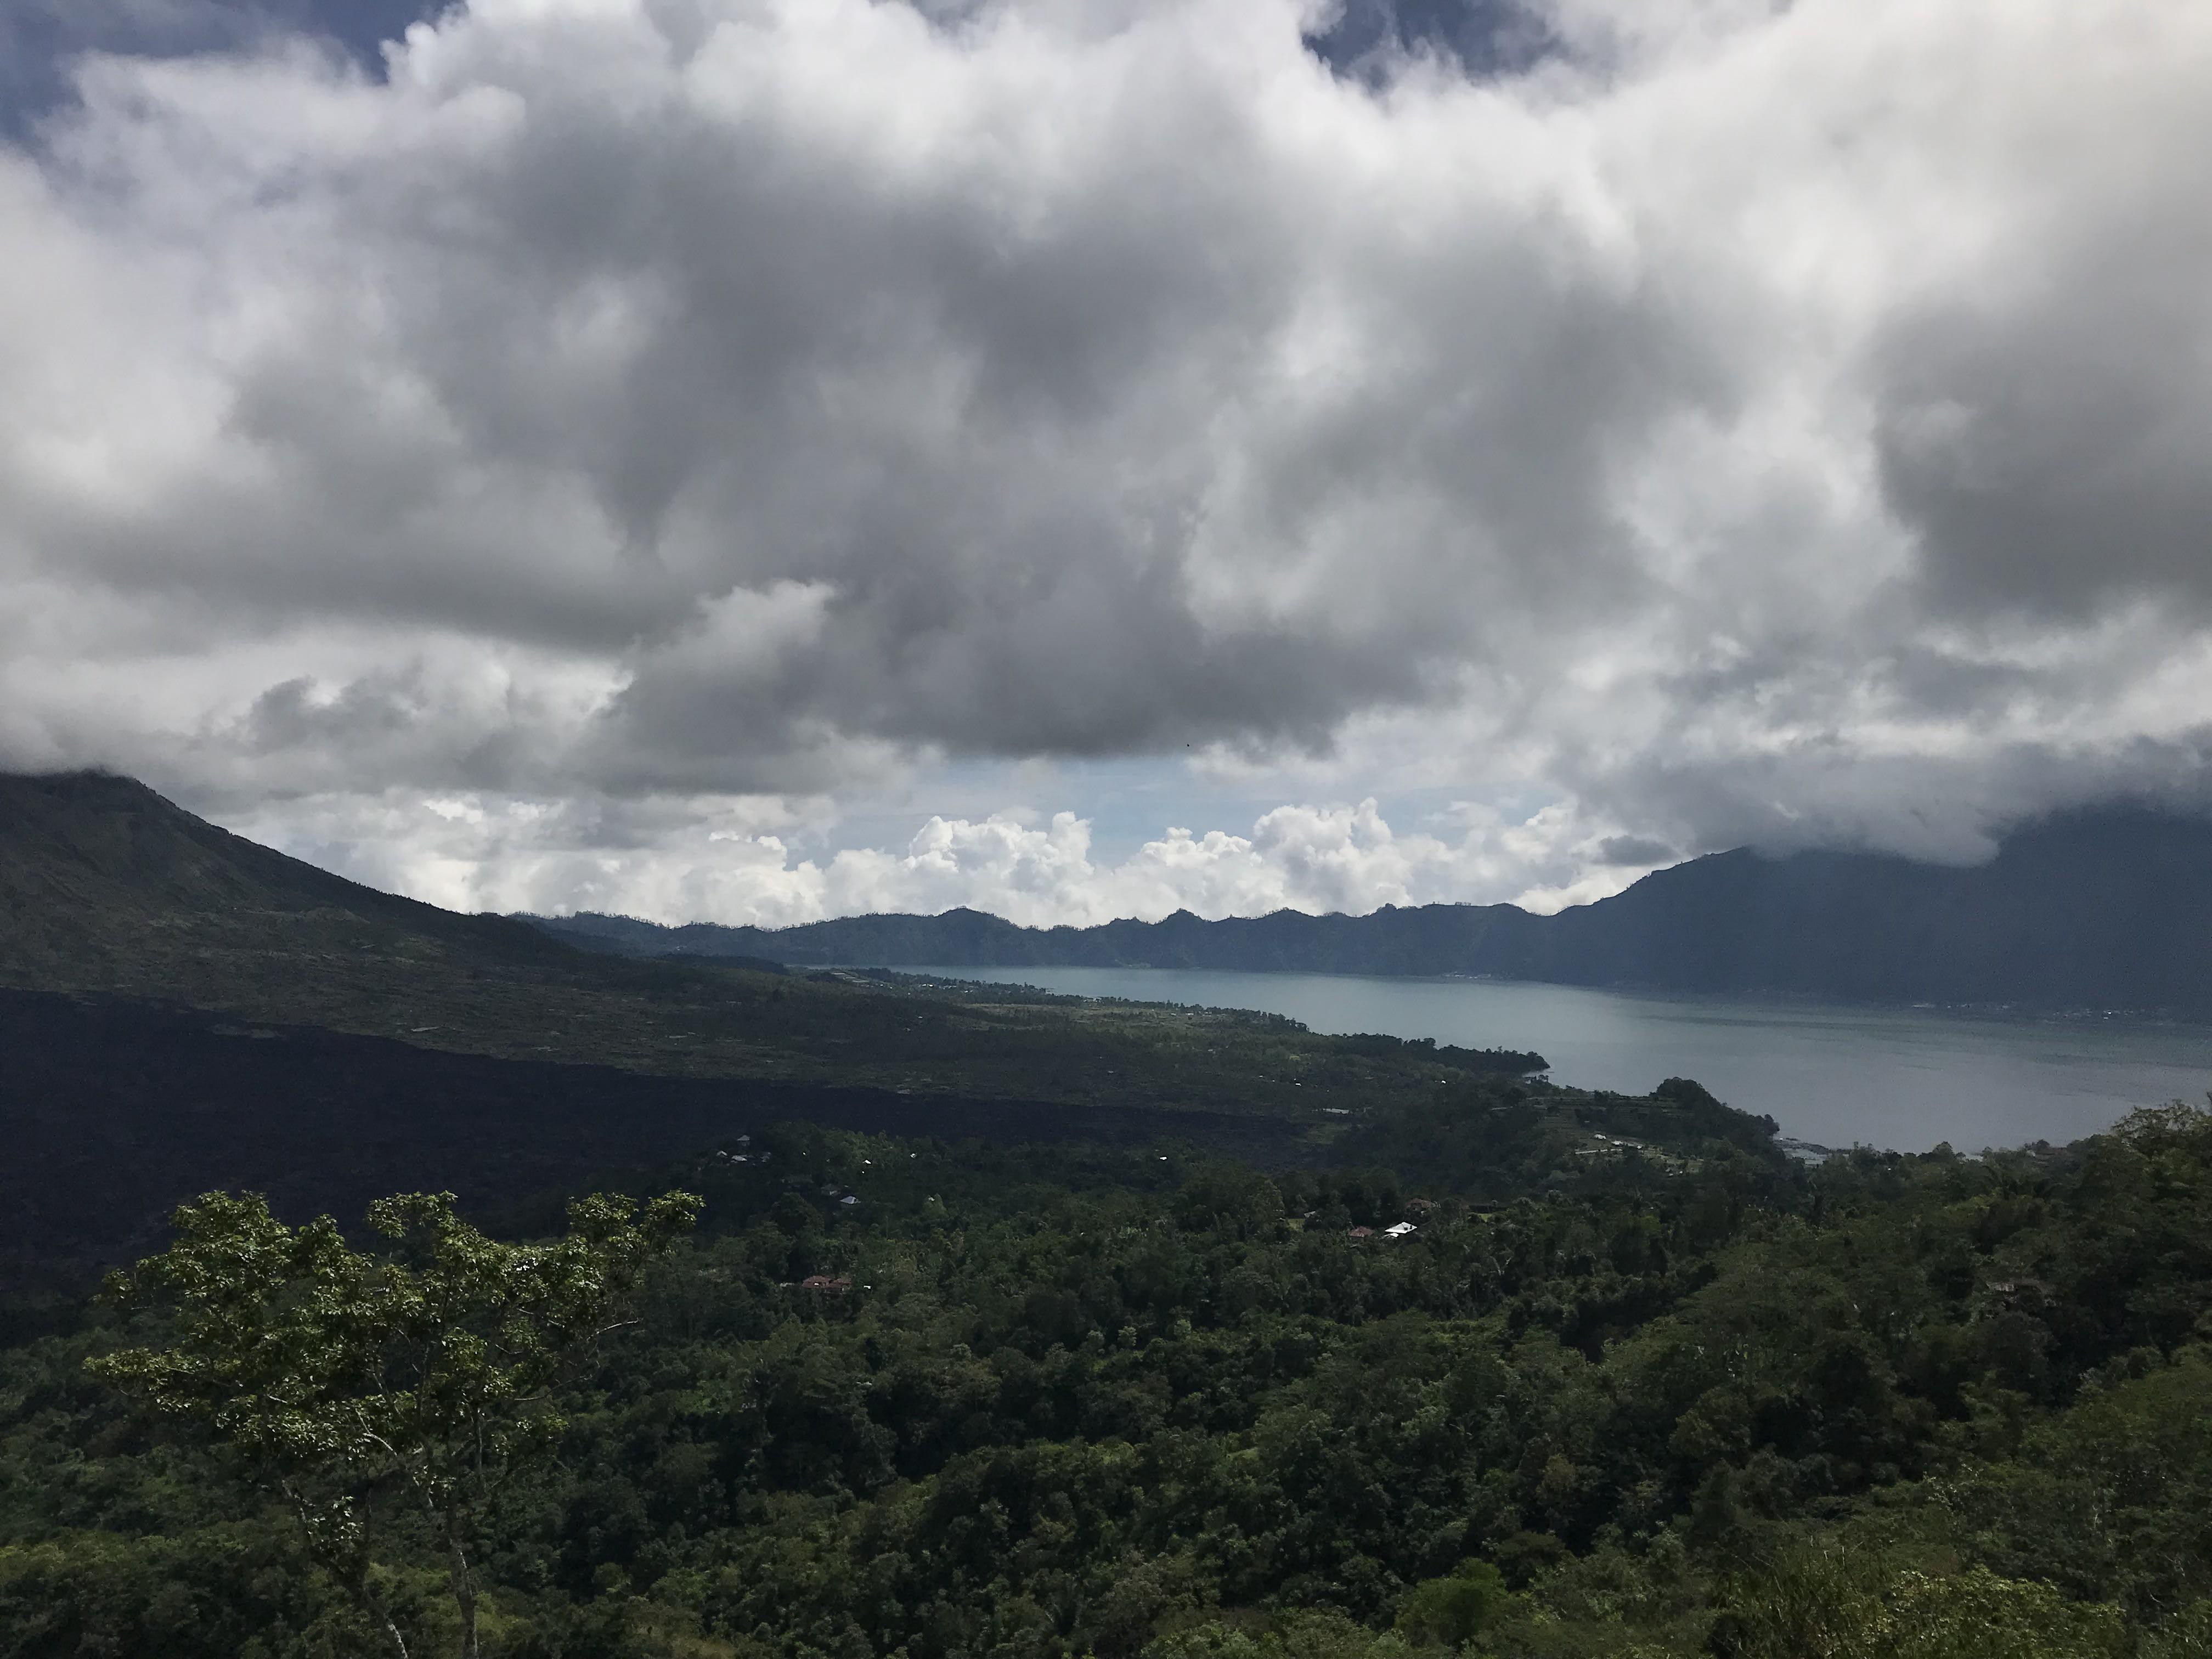 núi lửa kitamini và hồ nước